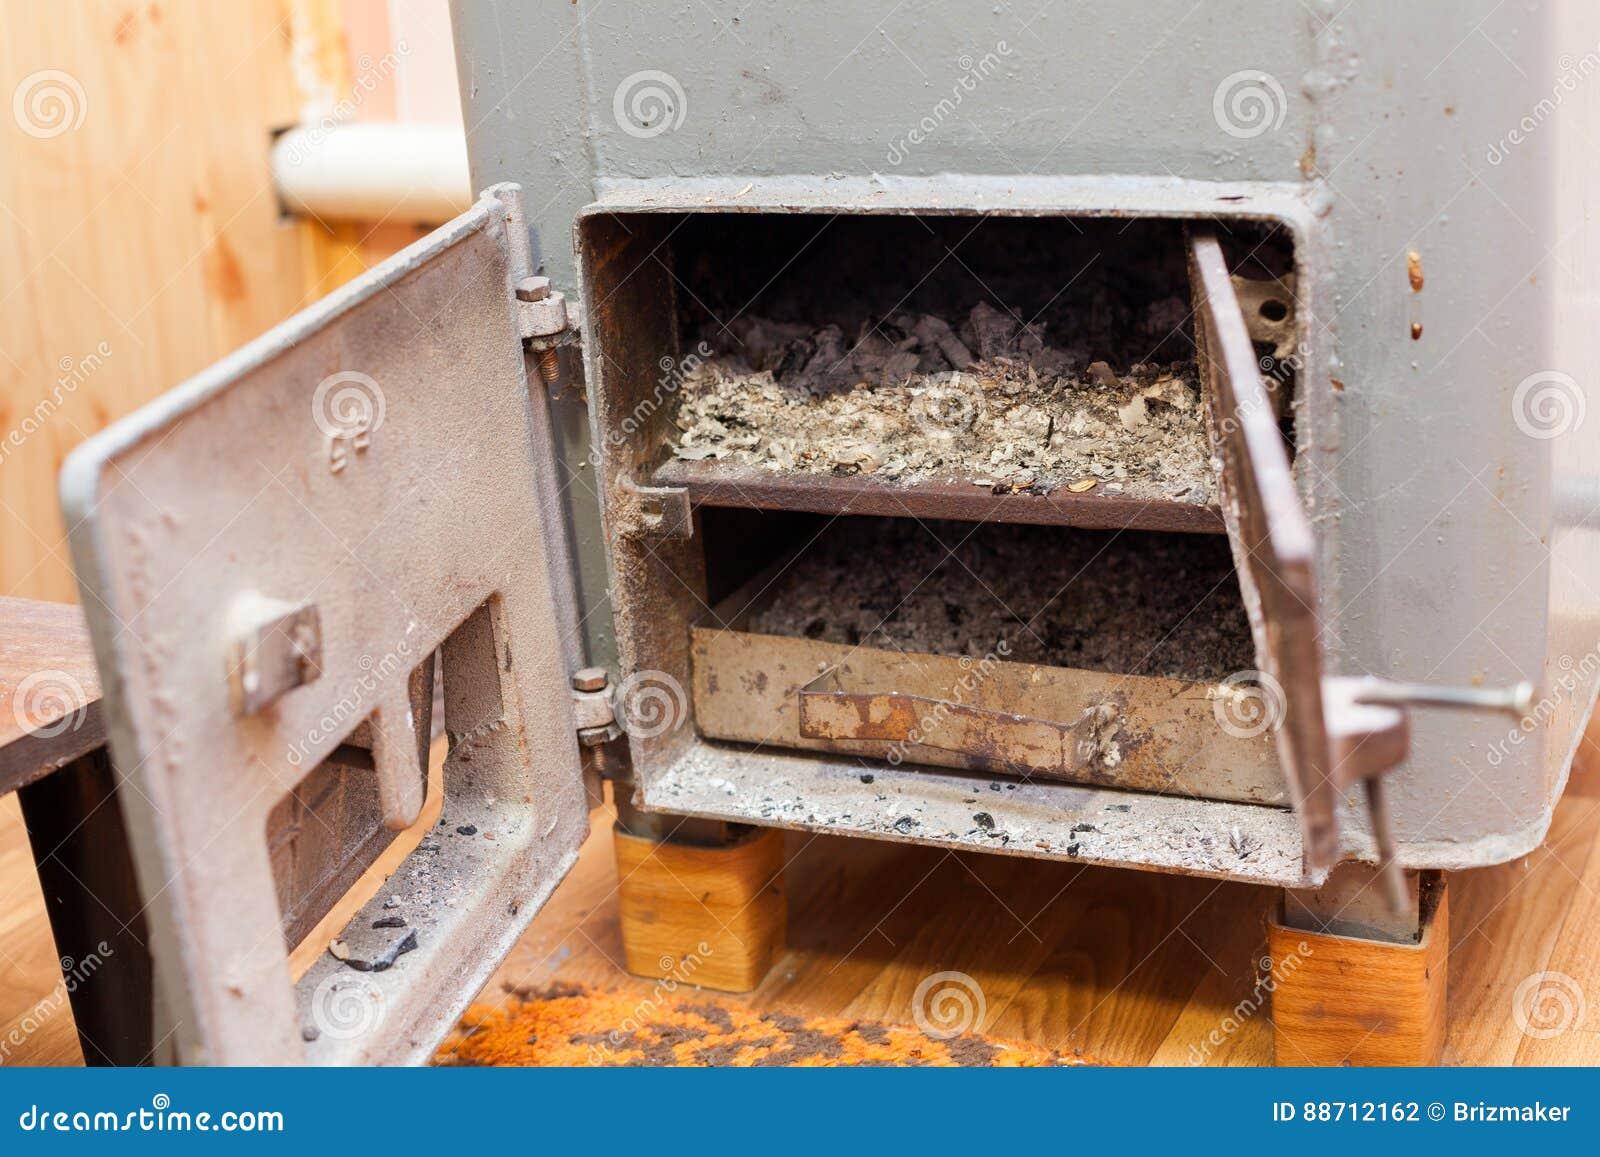 Στερεός βιο λέβητας καυσίμων στο δωμάτιο λεβήτων με τους ξύλινους άνθρακες εγκαυμάτων της πυρκαγιάς